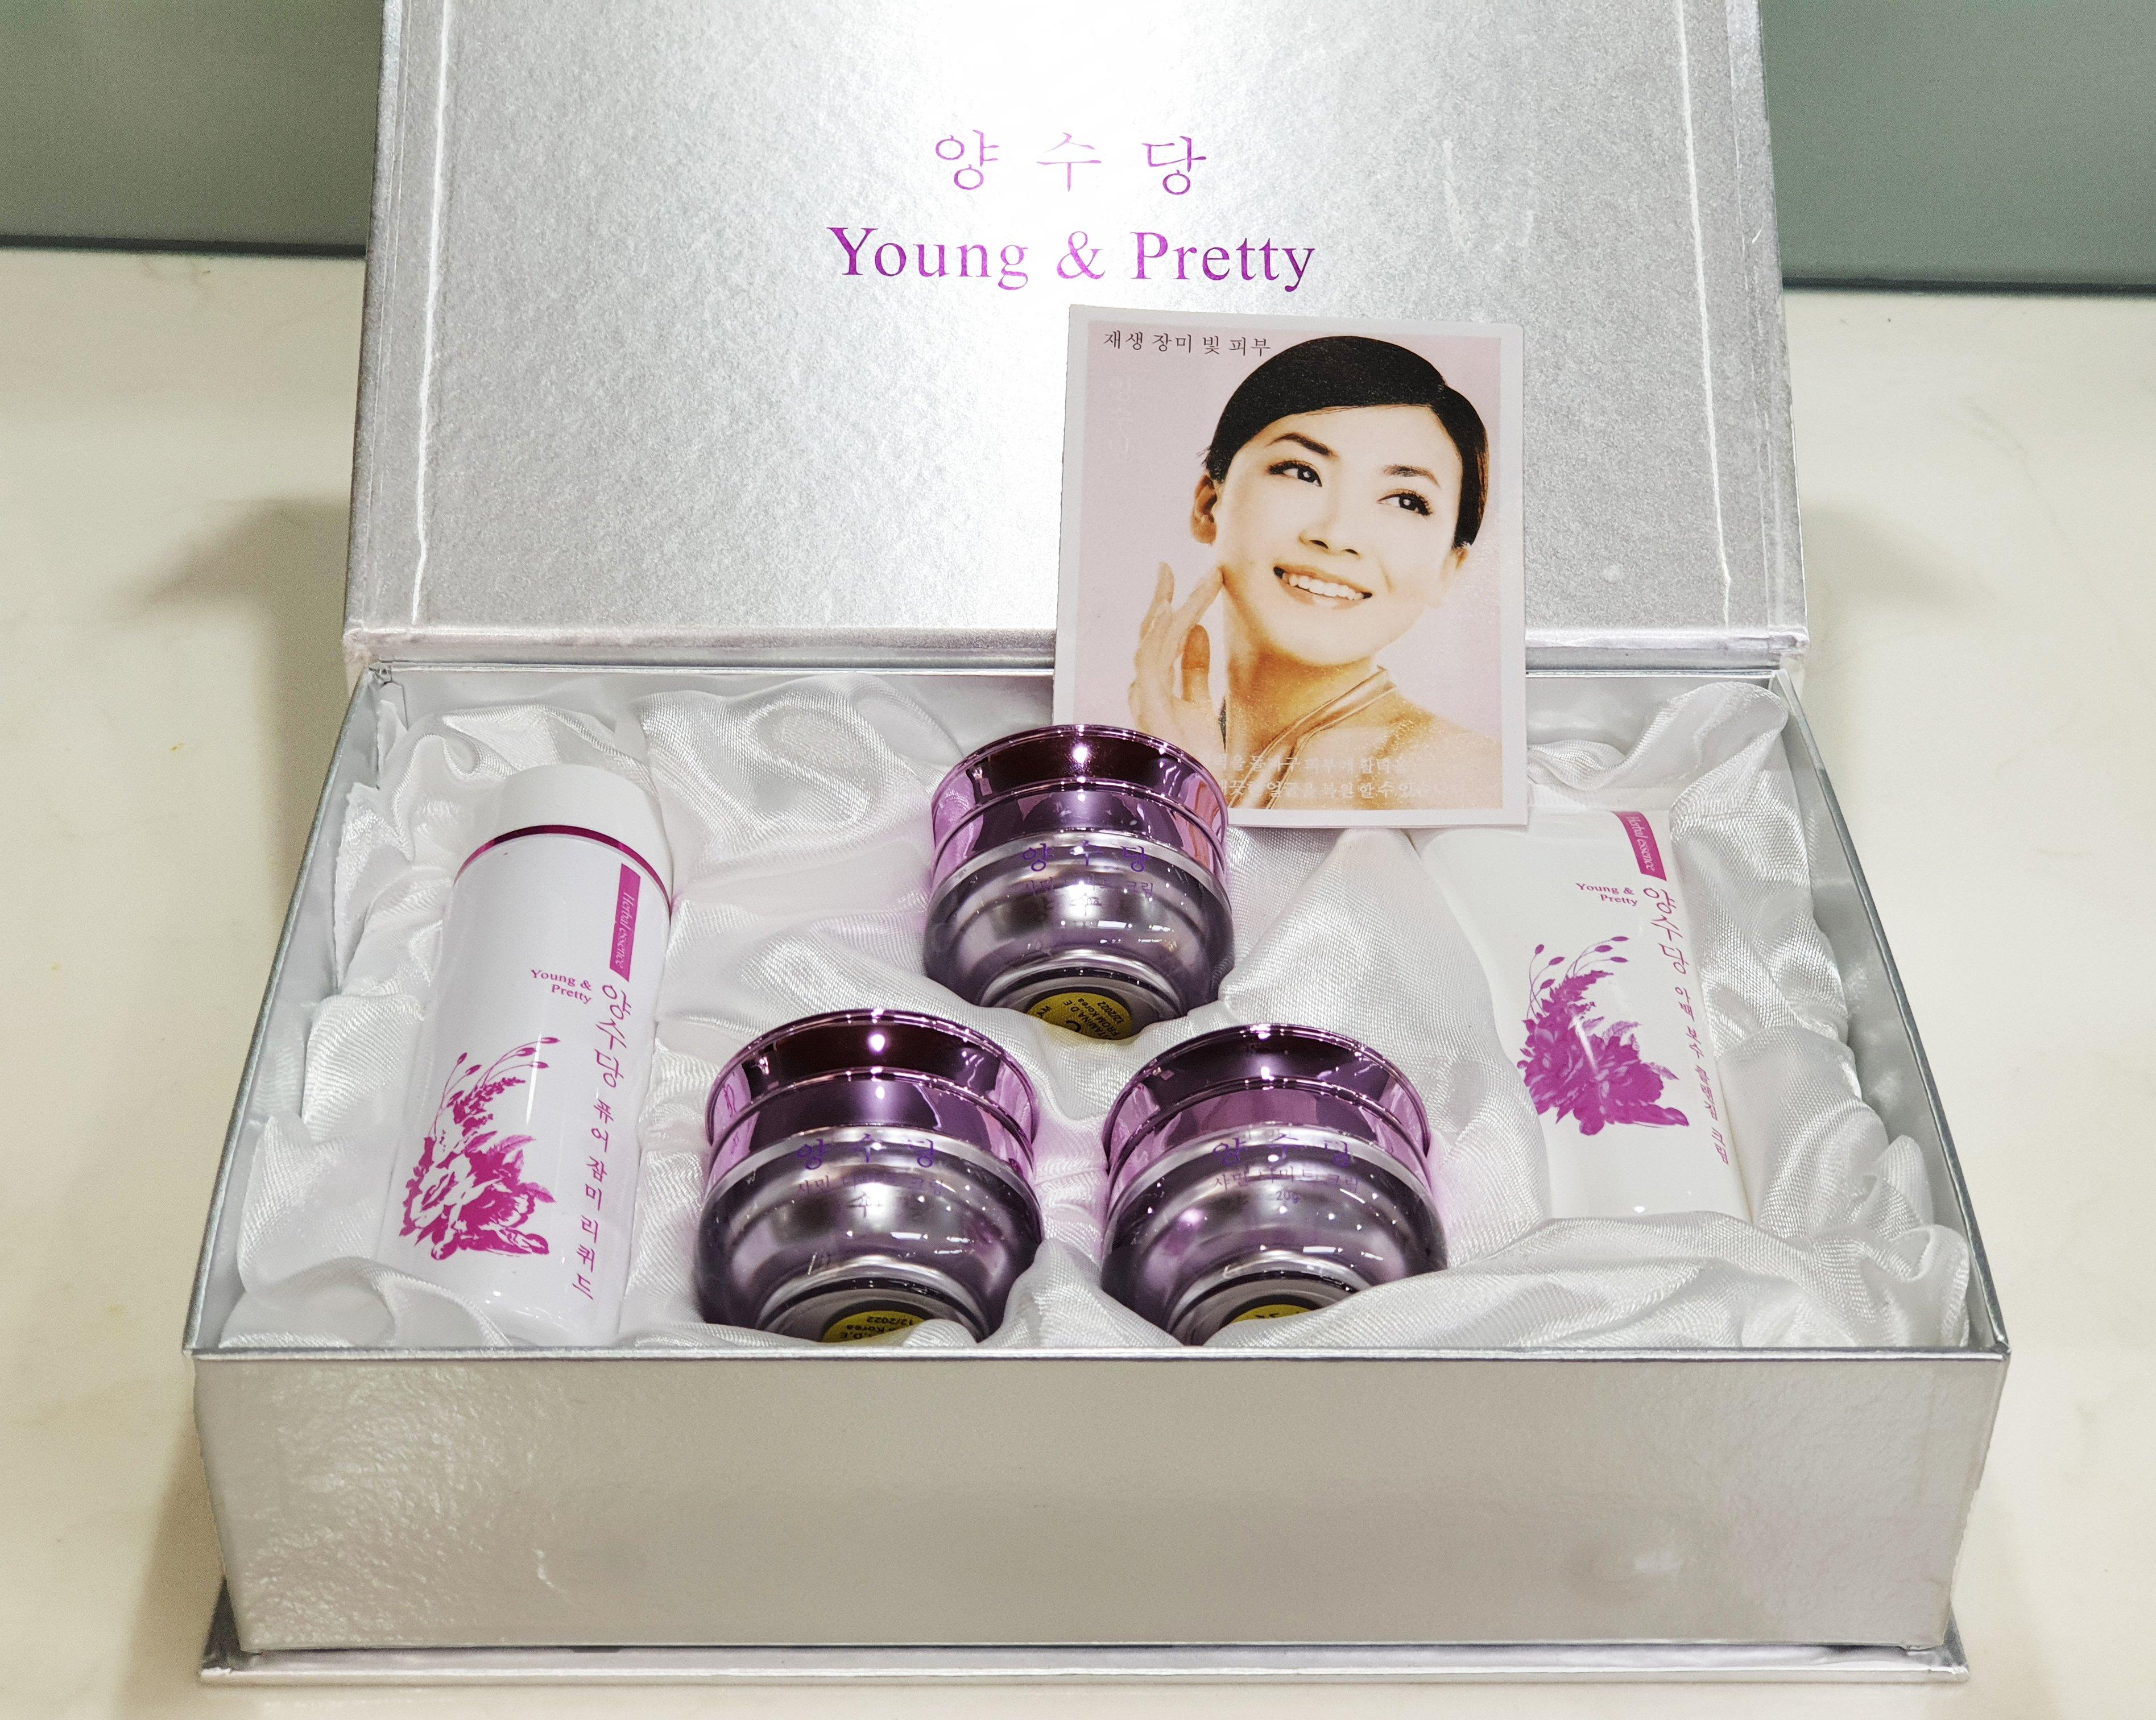 Young Pretty 5in1, Bộ mỹ phẩm trị nám tàn nhang làm trắng da Hàn Quốc, mỹ phẩm young pretty